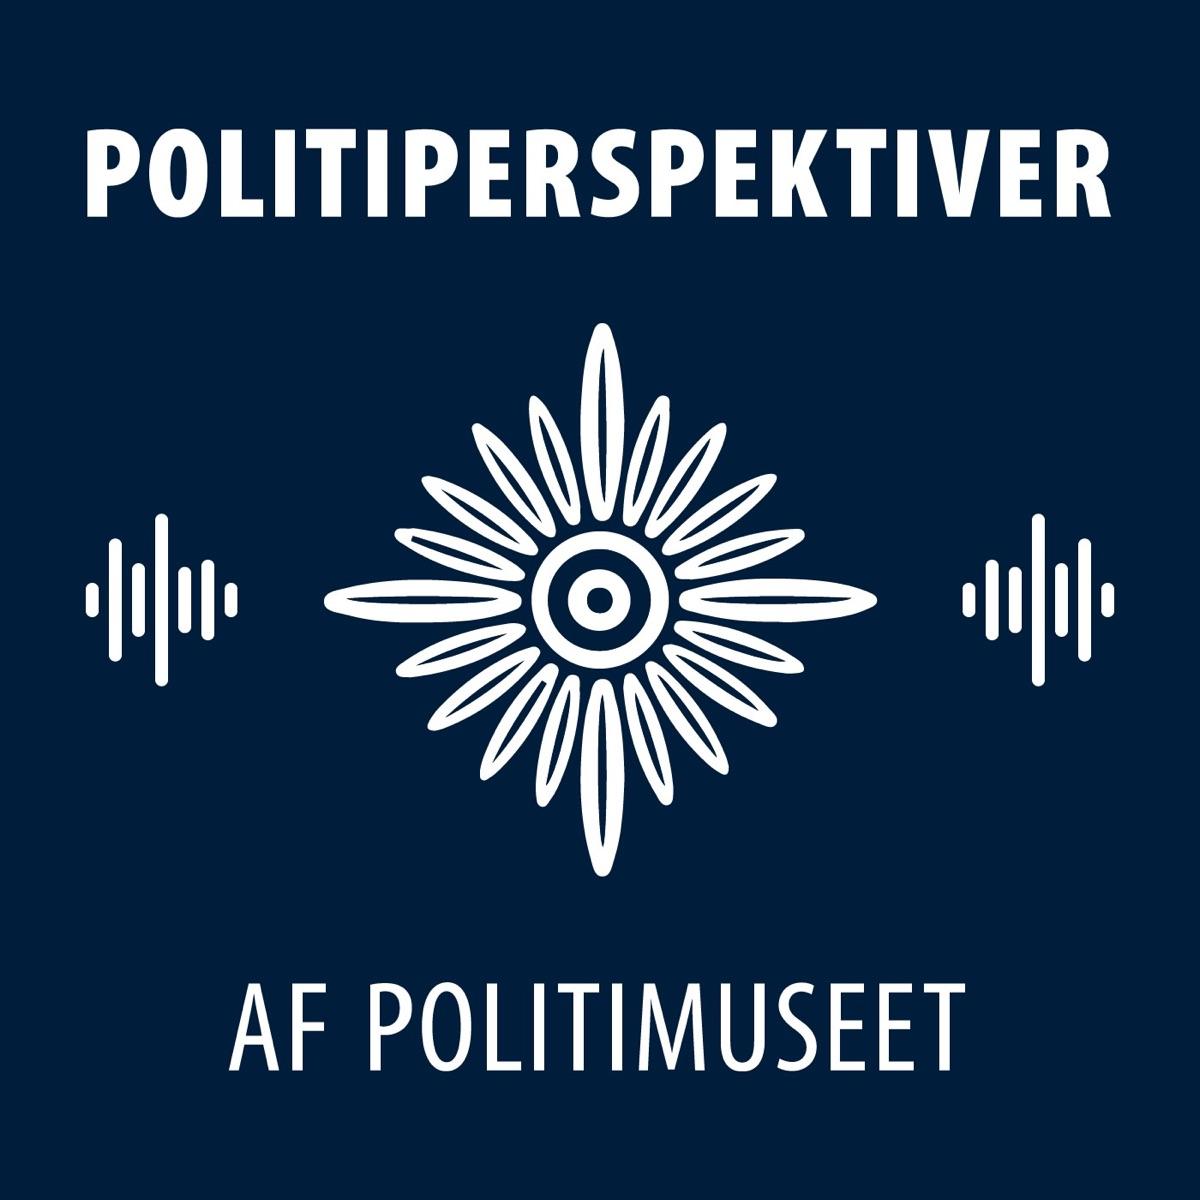 Politiperspektiver - Podcast fra Politimuseet